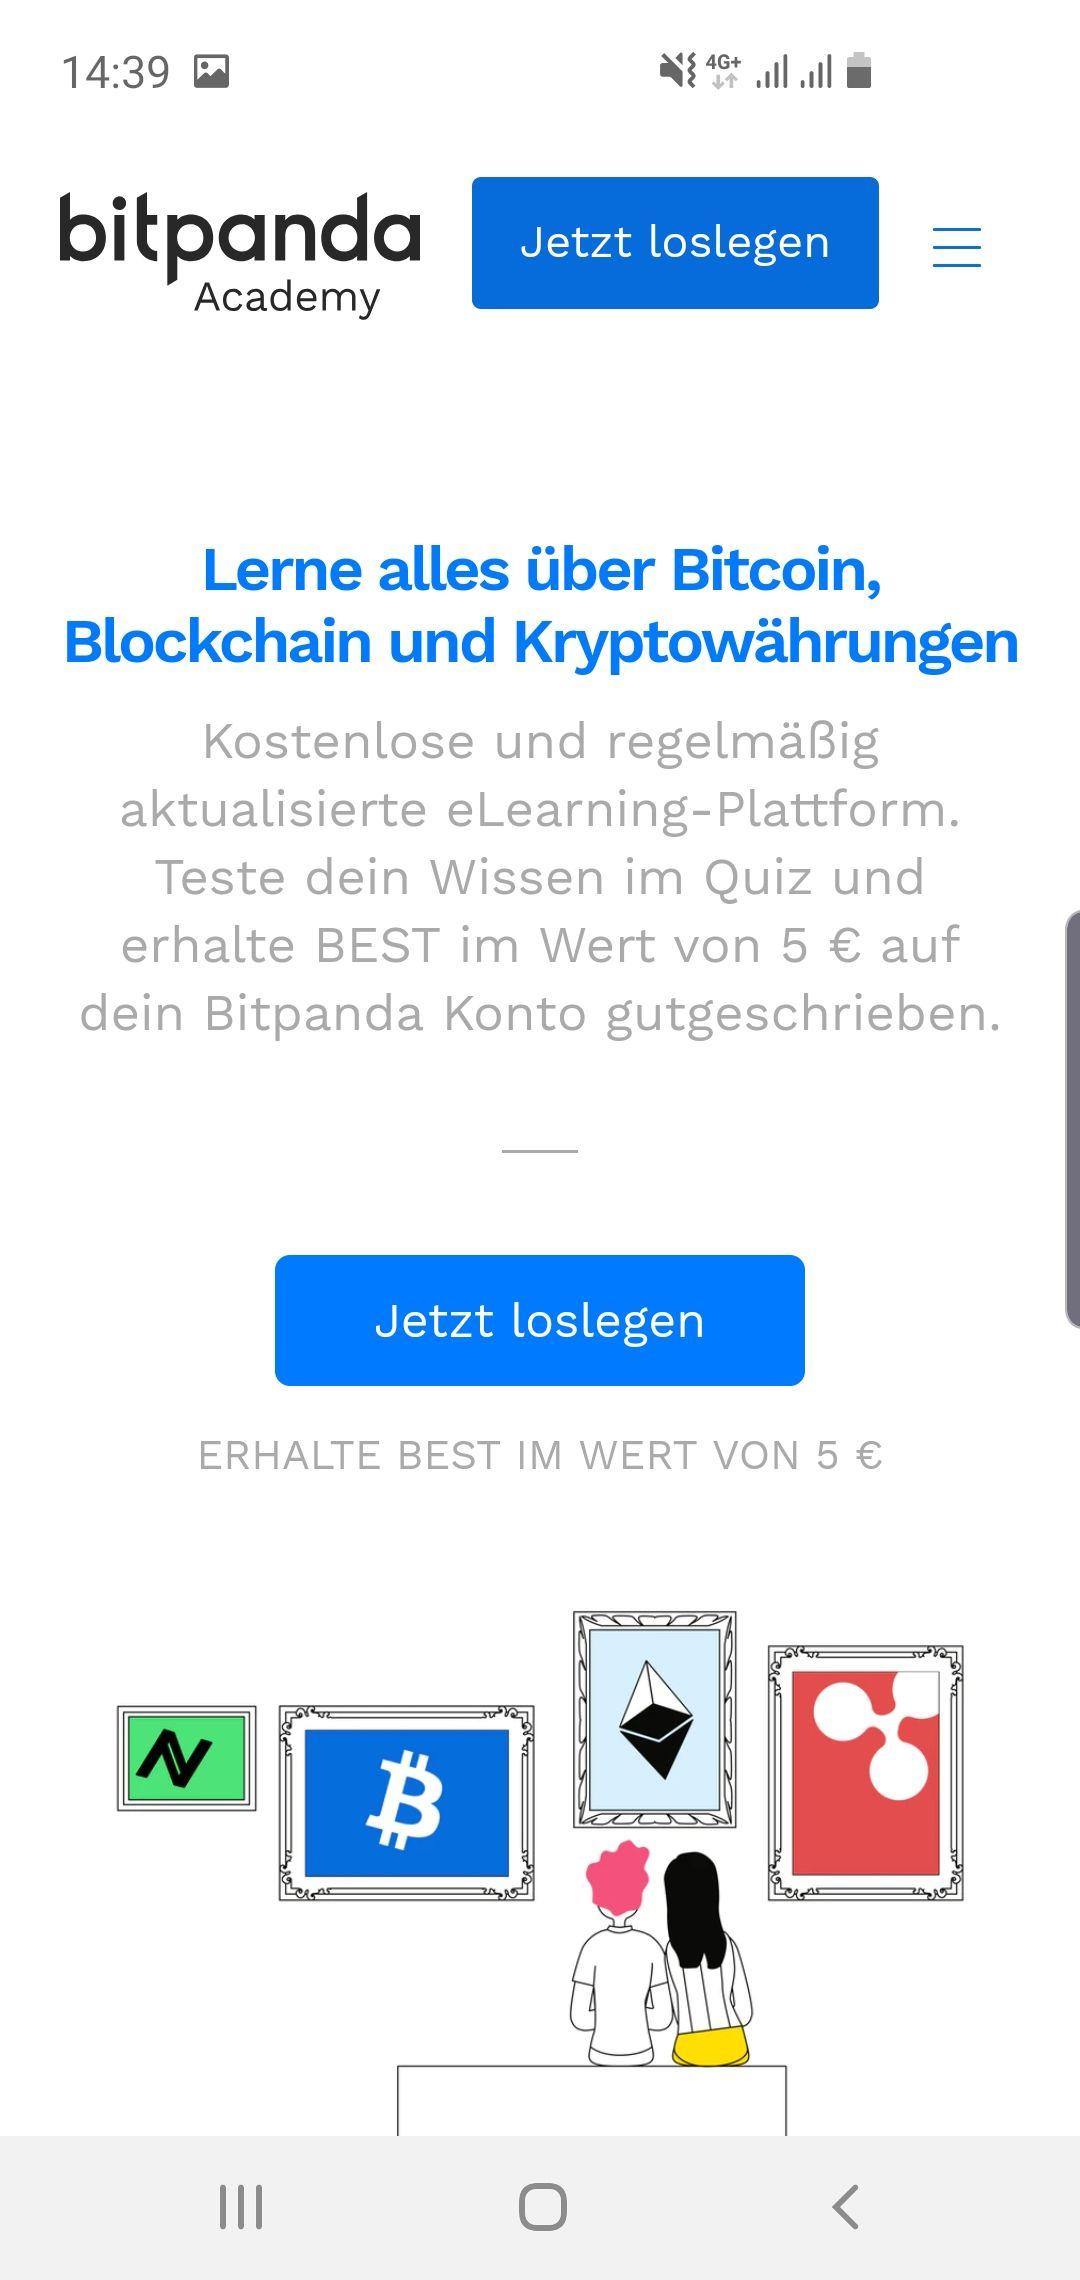 Bitpanda schenkt 5€ für 15 Fragen! (Verifizierung)